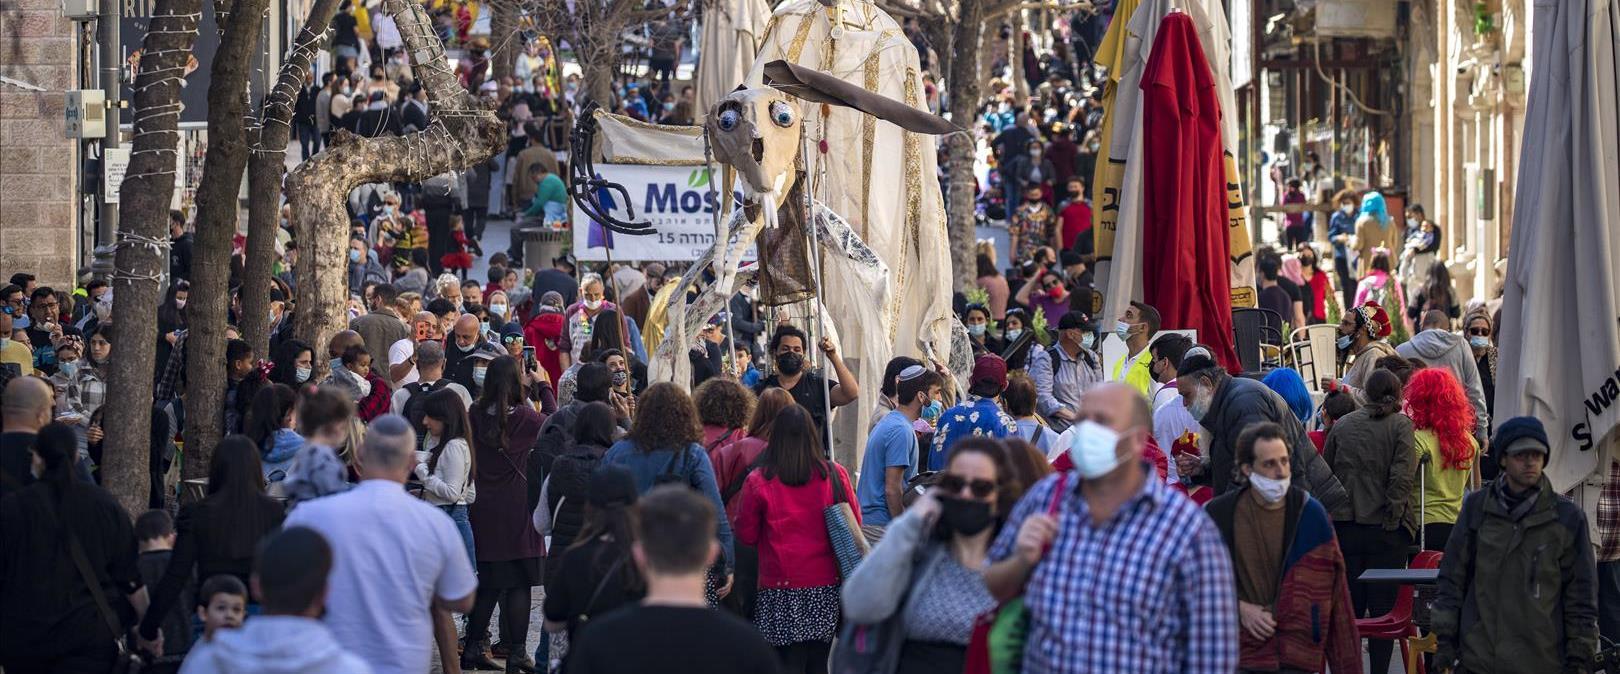 חגיגות פורים בירושלים, 26.02.21